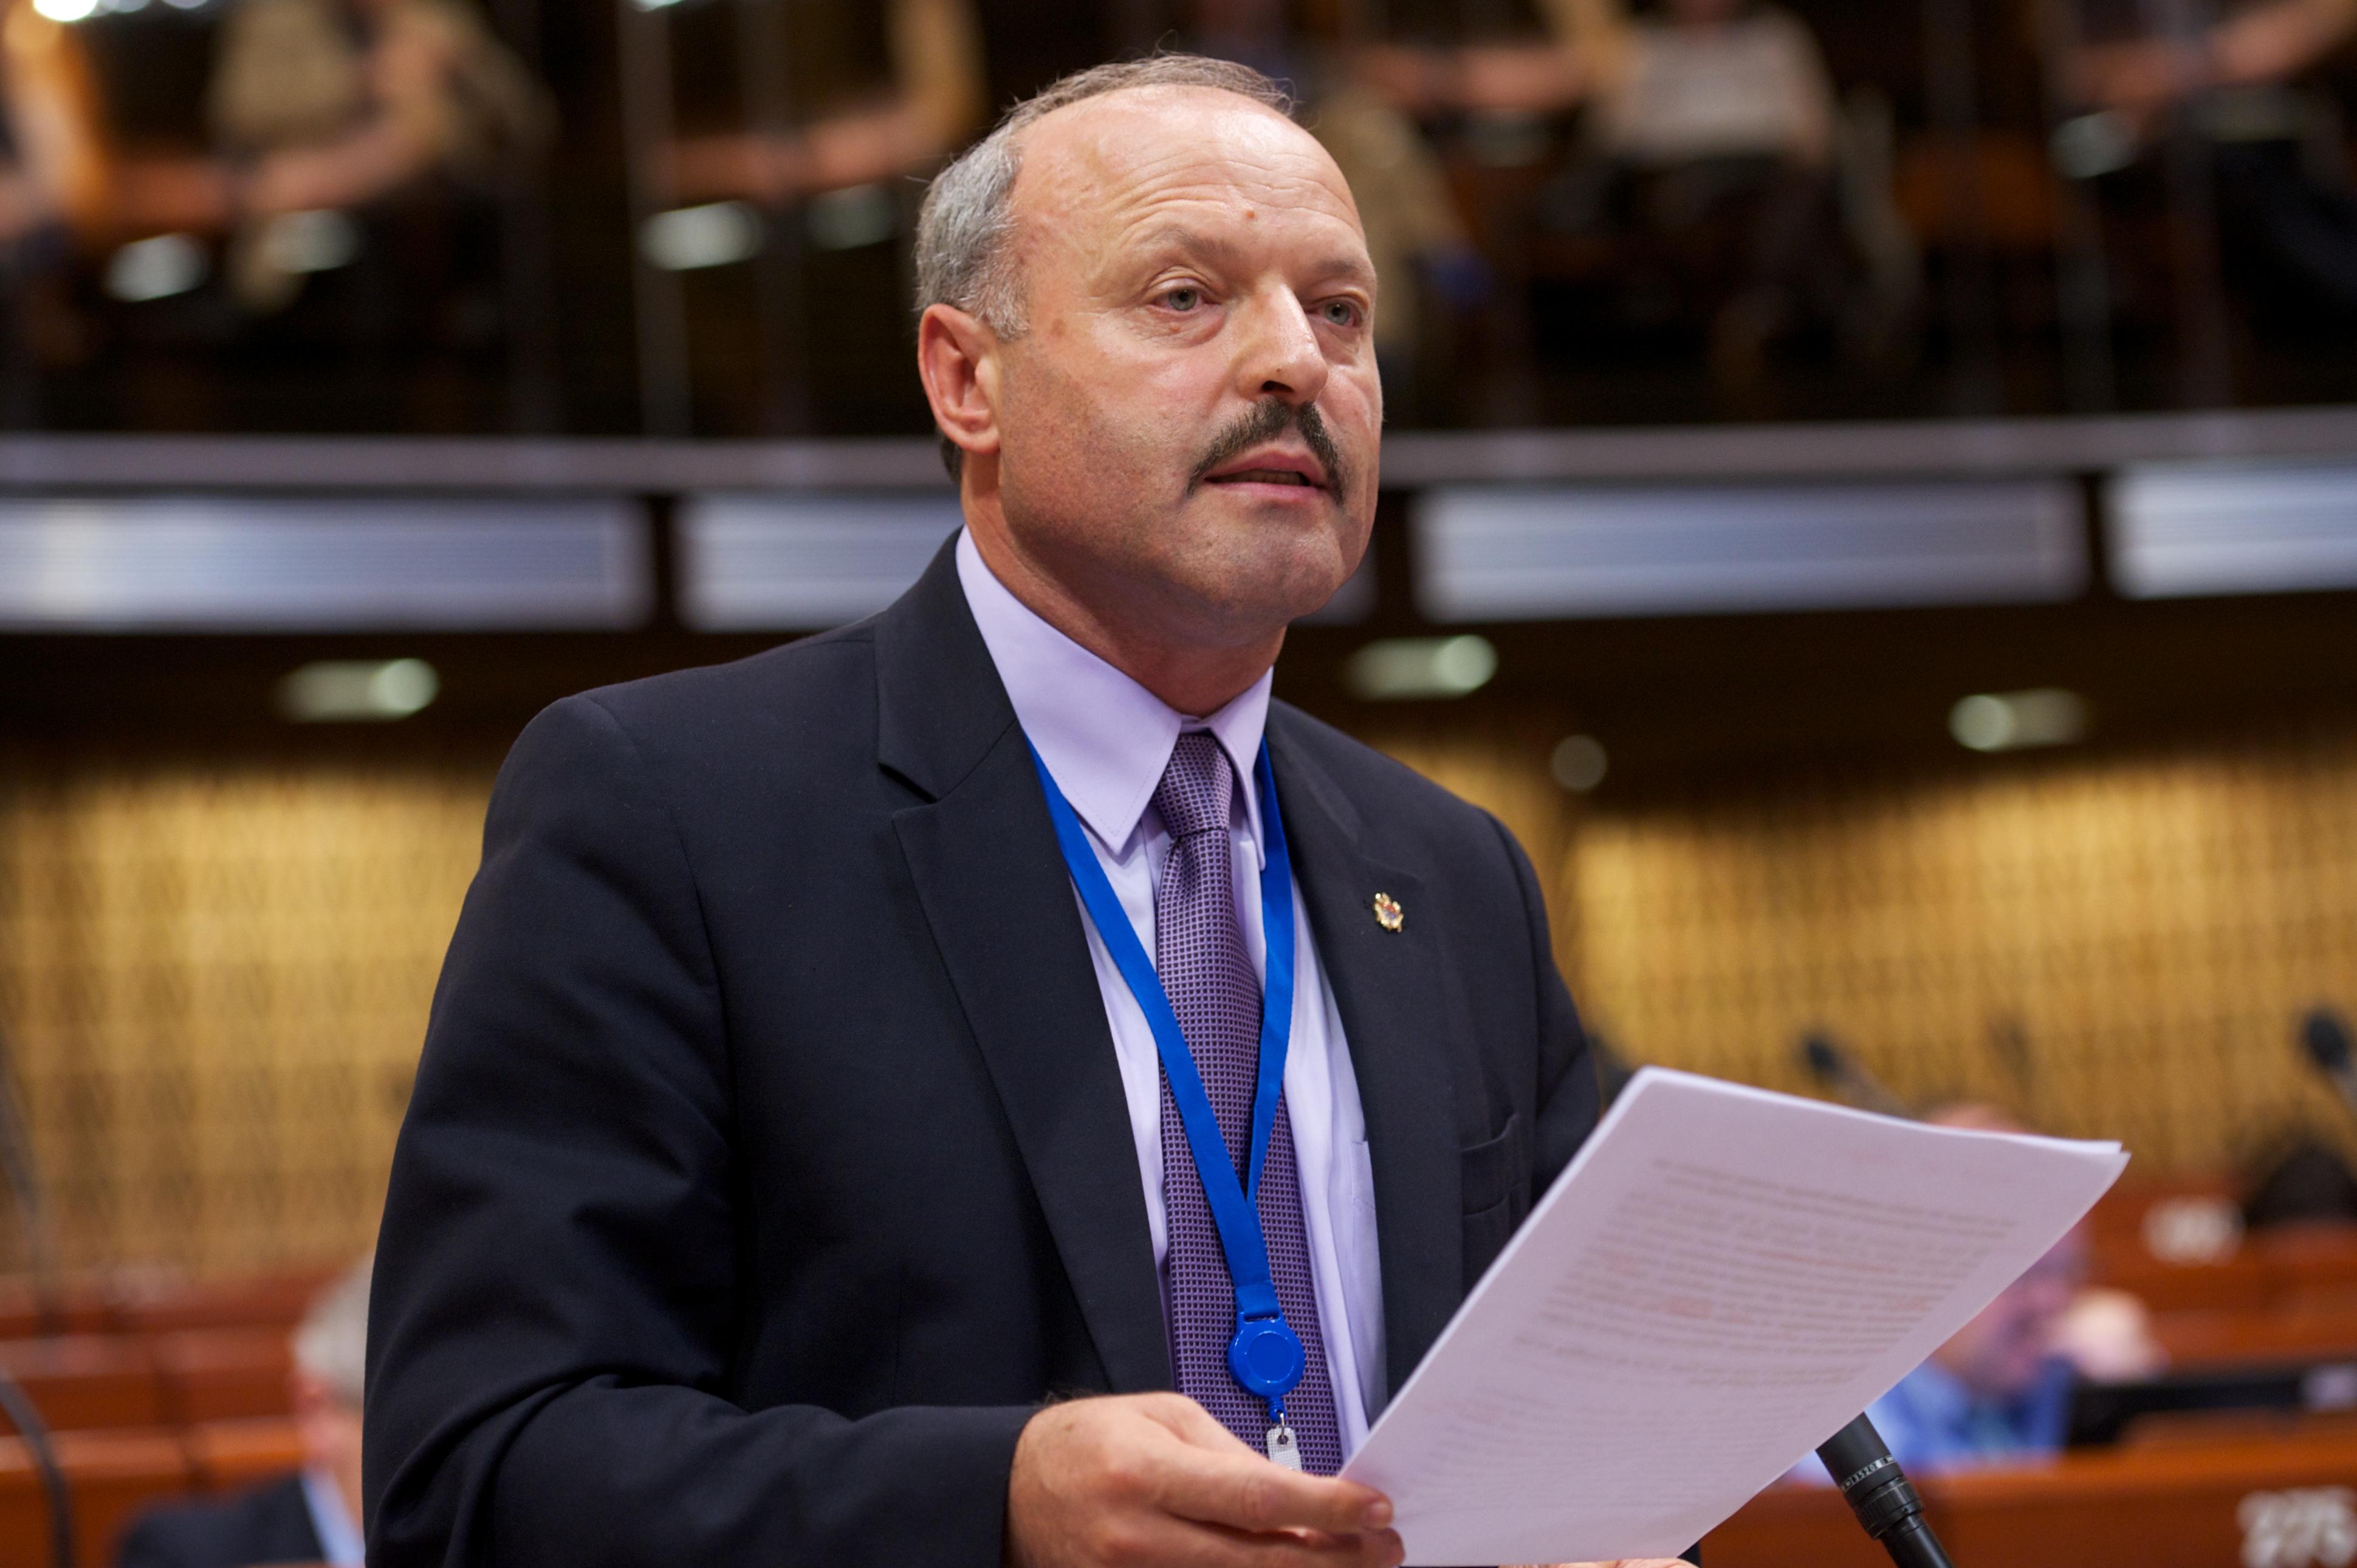 Valeriu Ghiletchi